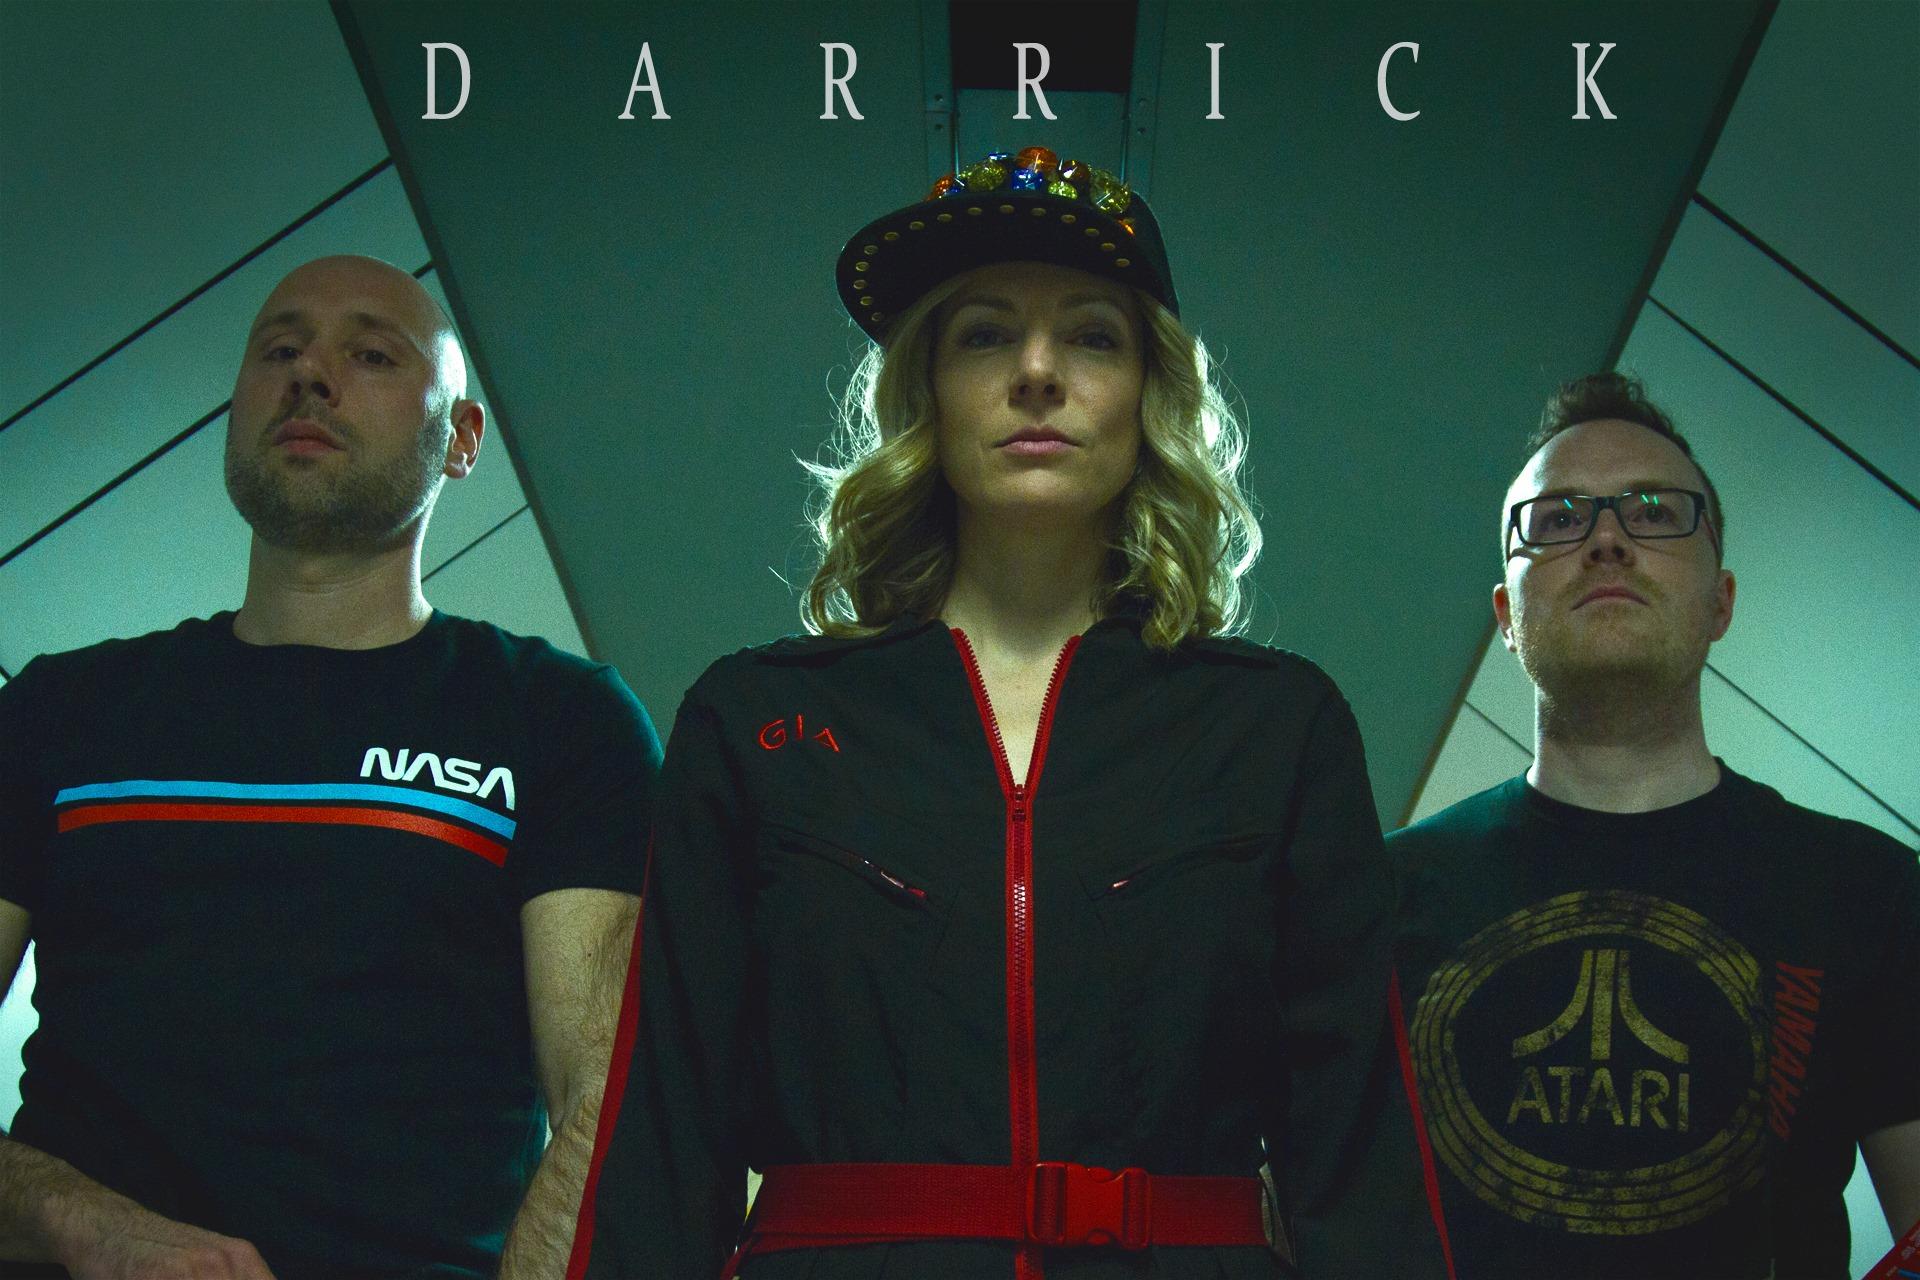 Darrick-2.jpg